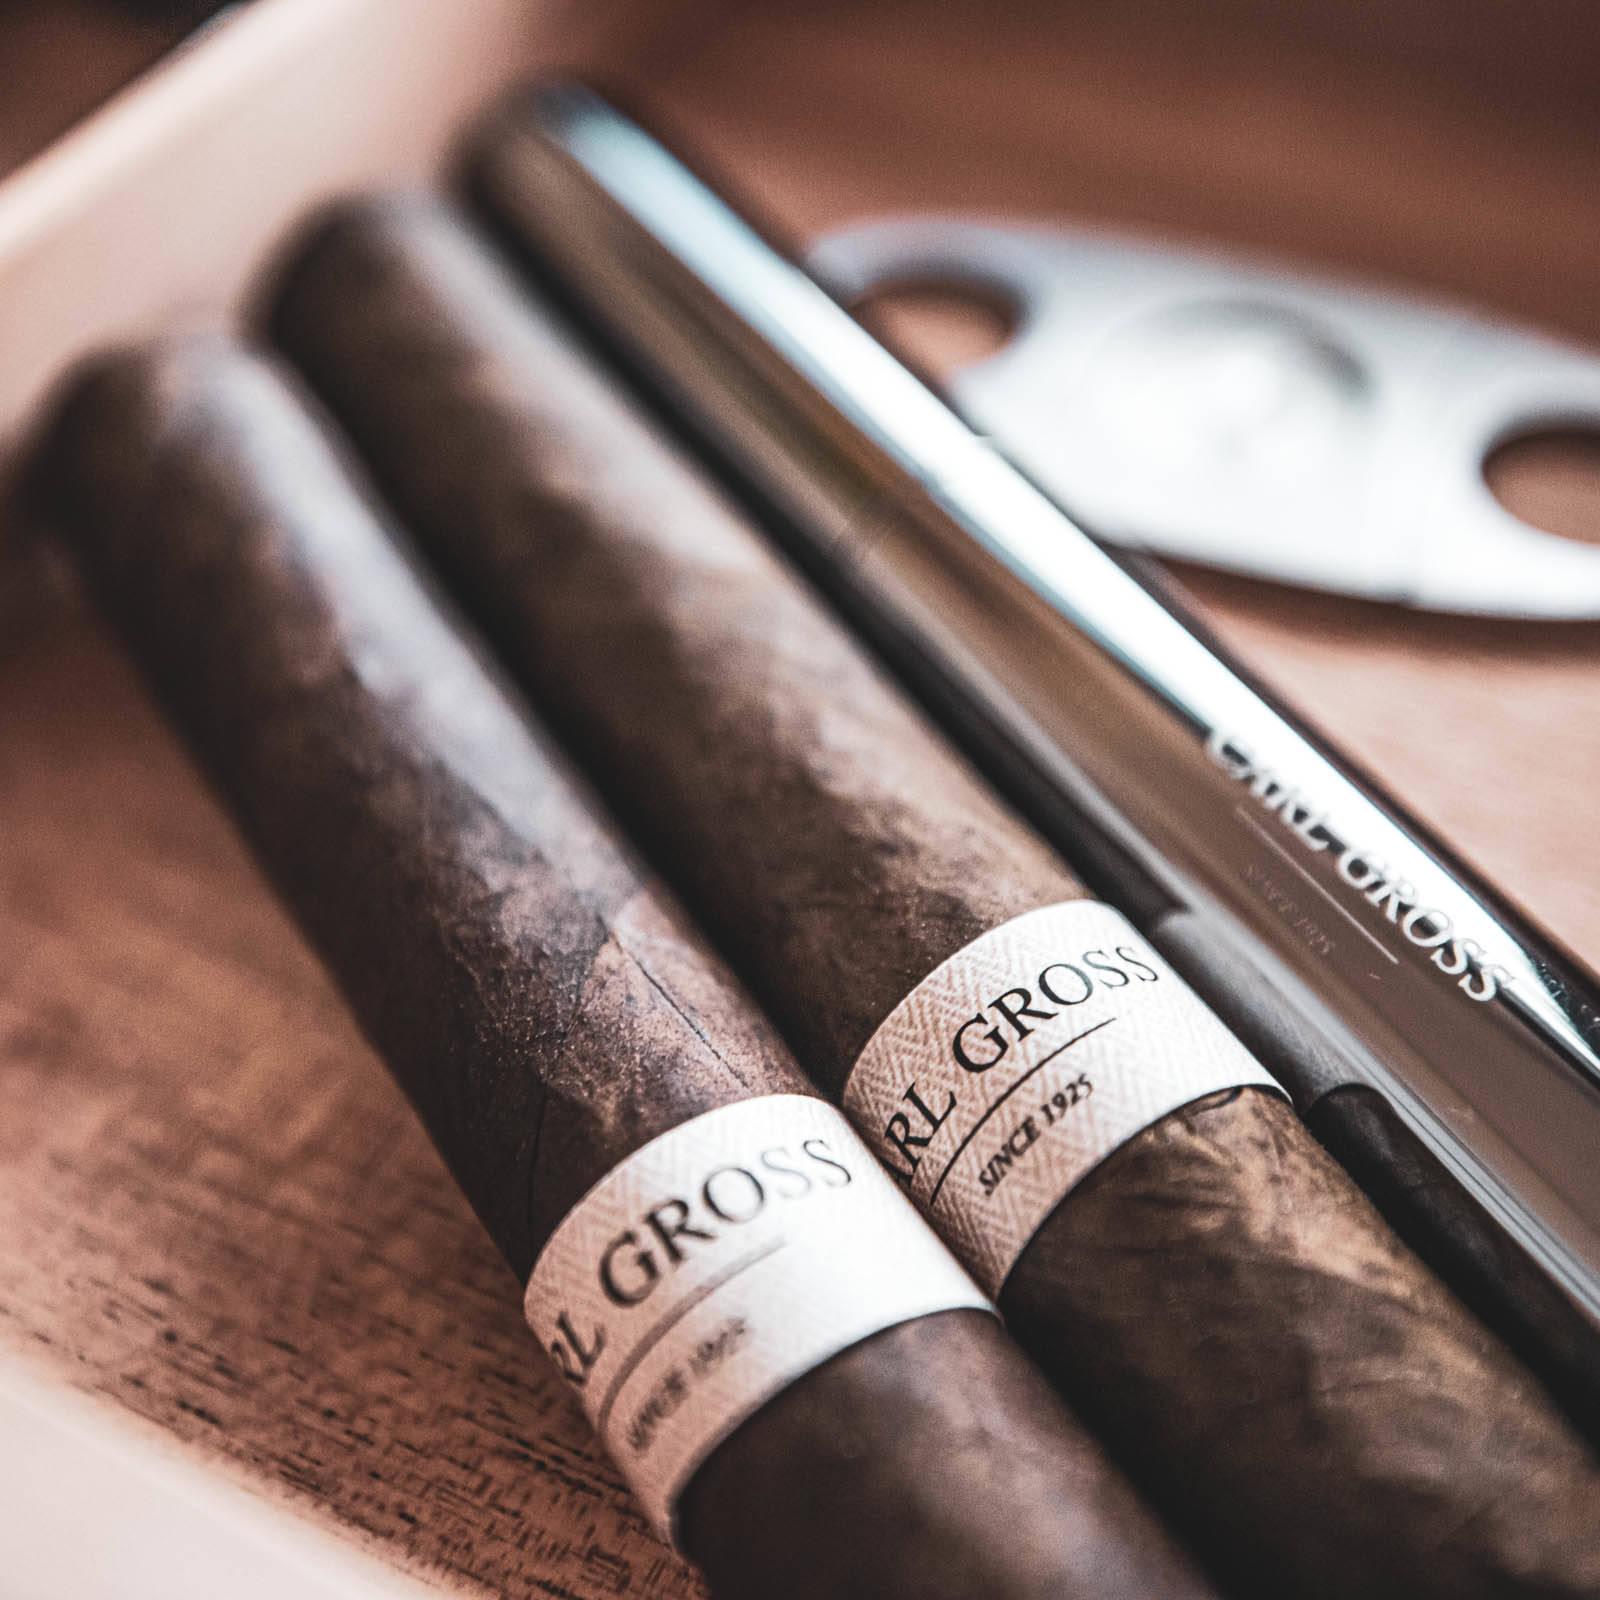 Zigarrendreher | Zigarren | Drehen | Zigarrenroller | Mieten | Anfragen | Trocadero | Eigenmarke | Own | Brand | Handgemacht | Zigarren | Bauchbinde | kaufen | Robusto | Corona | Torpedo | Banderole | Brasilien | Cuba